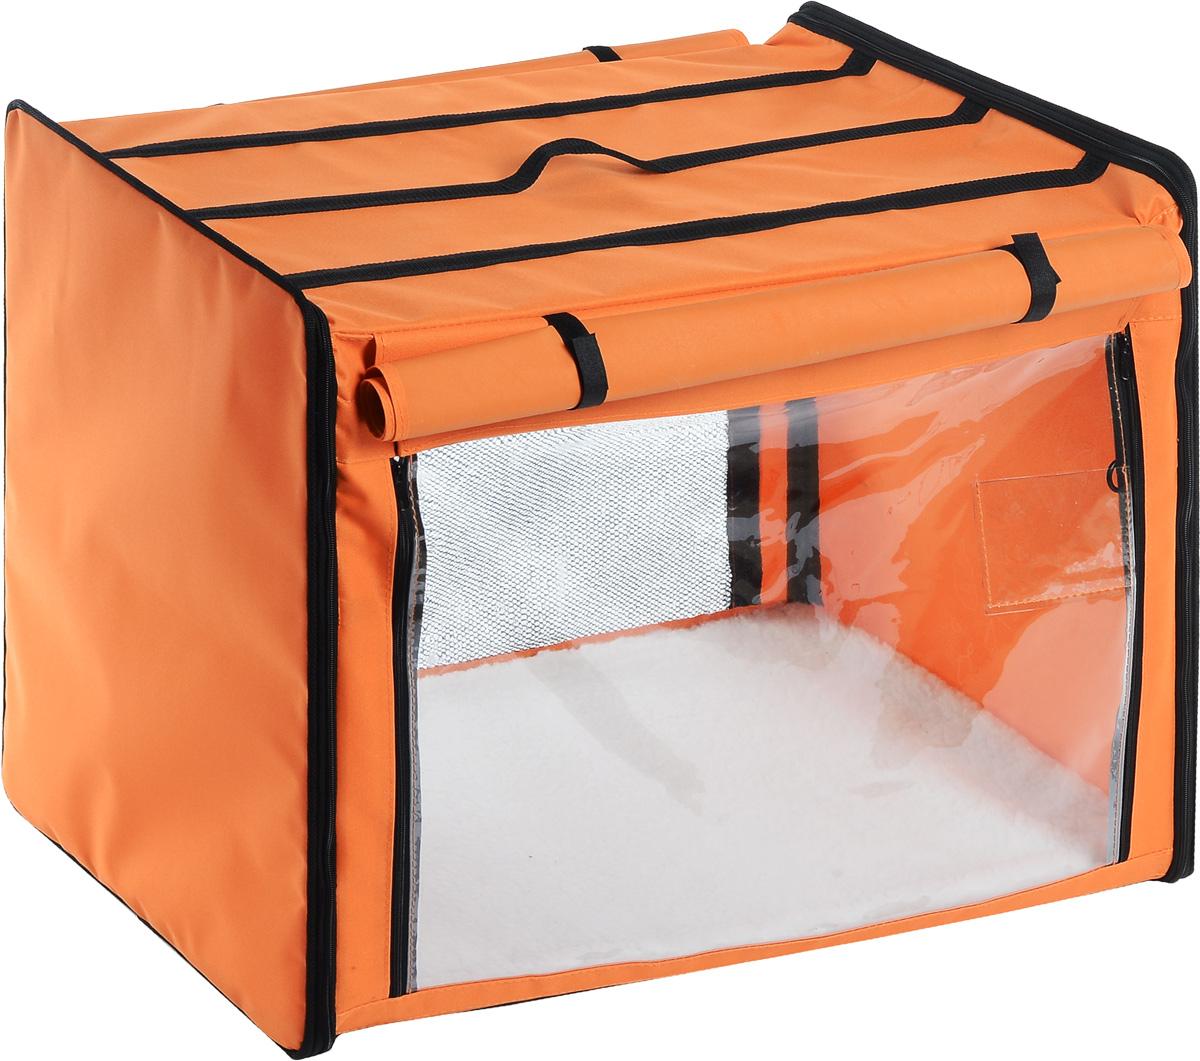 Клетка выставочная Elite Valley, цвет: оранжевый, черный, 75 х 52 х 62 см. К-10120710Клетка Elite Valley предназначена для показа кошек и собак на выставках. Она выполнена из плотного текстиля, каркас - металлический. Клетка оснащена съемными пленкой и сеткой. Внутри имеется мягкая подстилка, выполненная из искусственного меха. Прозрачную пленку можно прикрыть шторкой. Сверху расположена ручка для переноски.В комплекте сумка-чехол для удобной транспортировки.